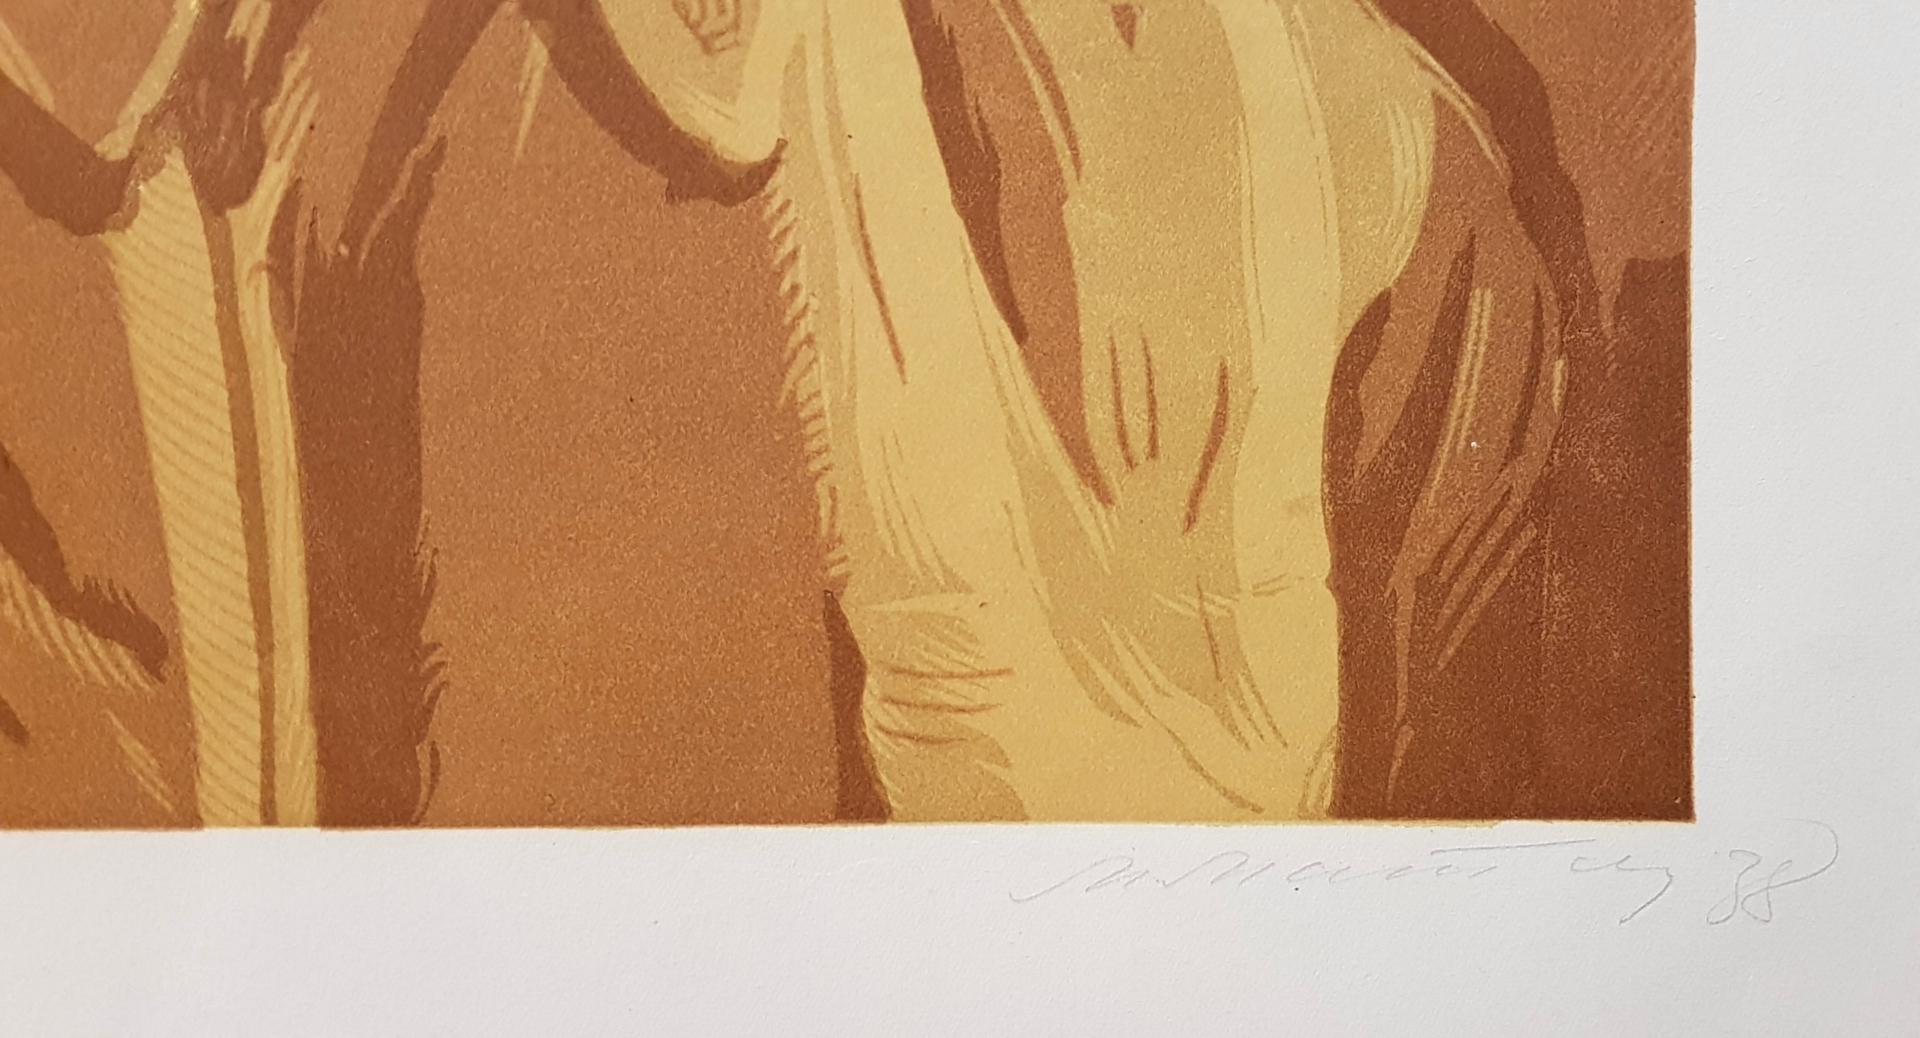 Подпись. Маторин Михаил Владимирович. Портрет Иосифа Виссарионовича Сталина